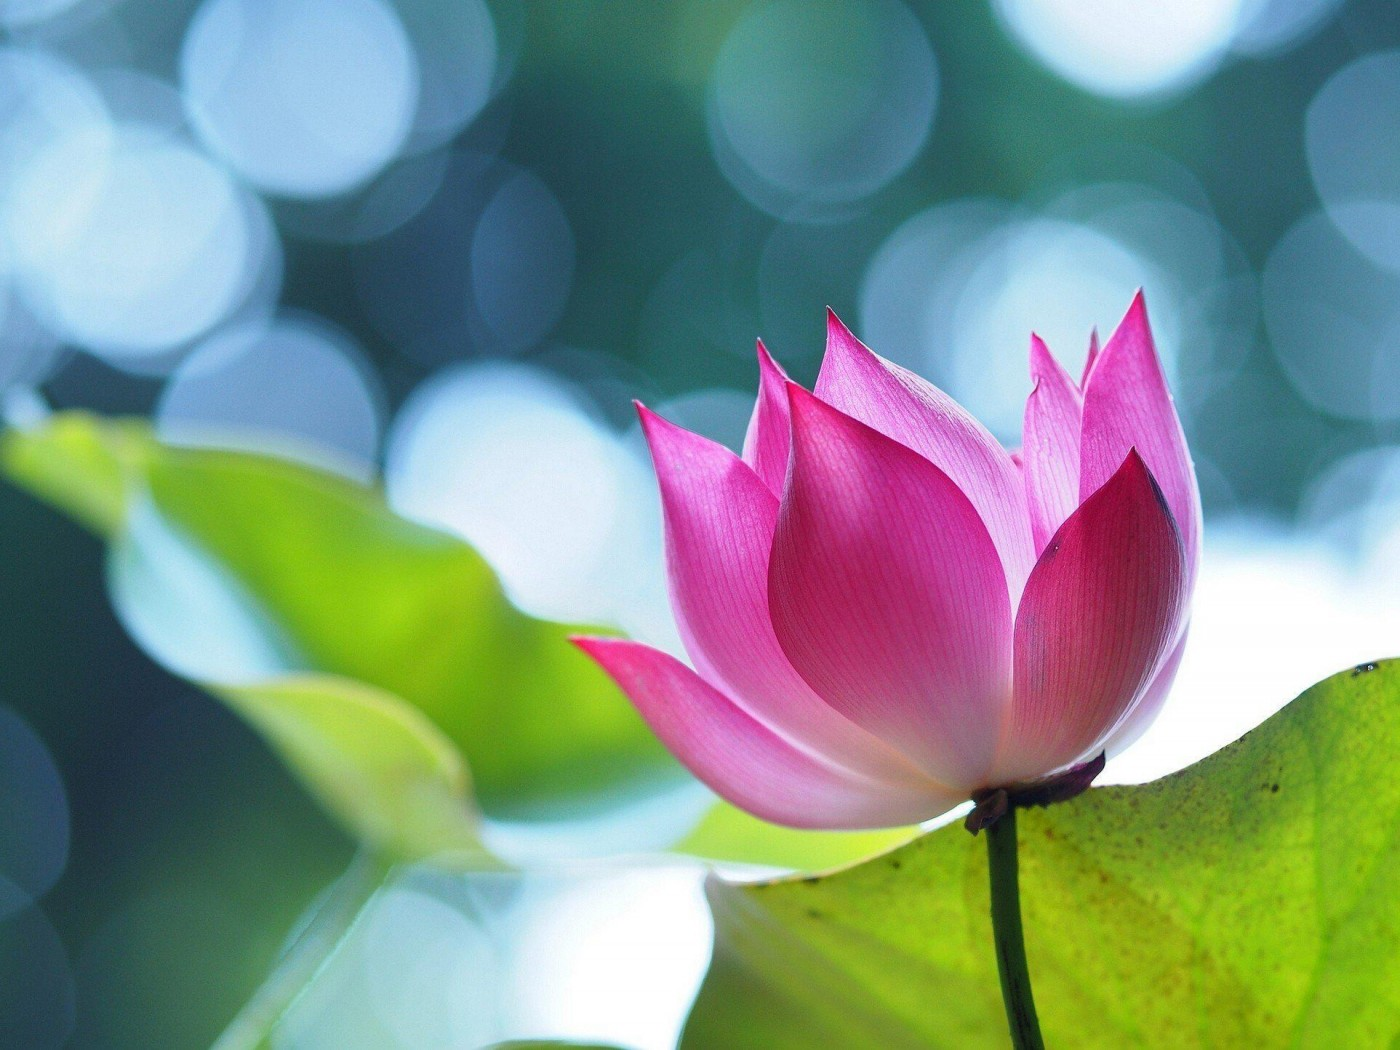 1400x1050_nature-flower-garden-wild-drop-macro-cosmos-pink-best.jpg